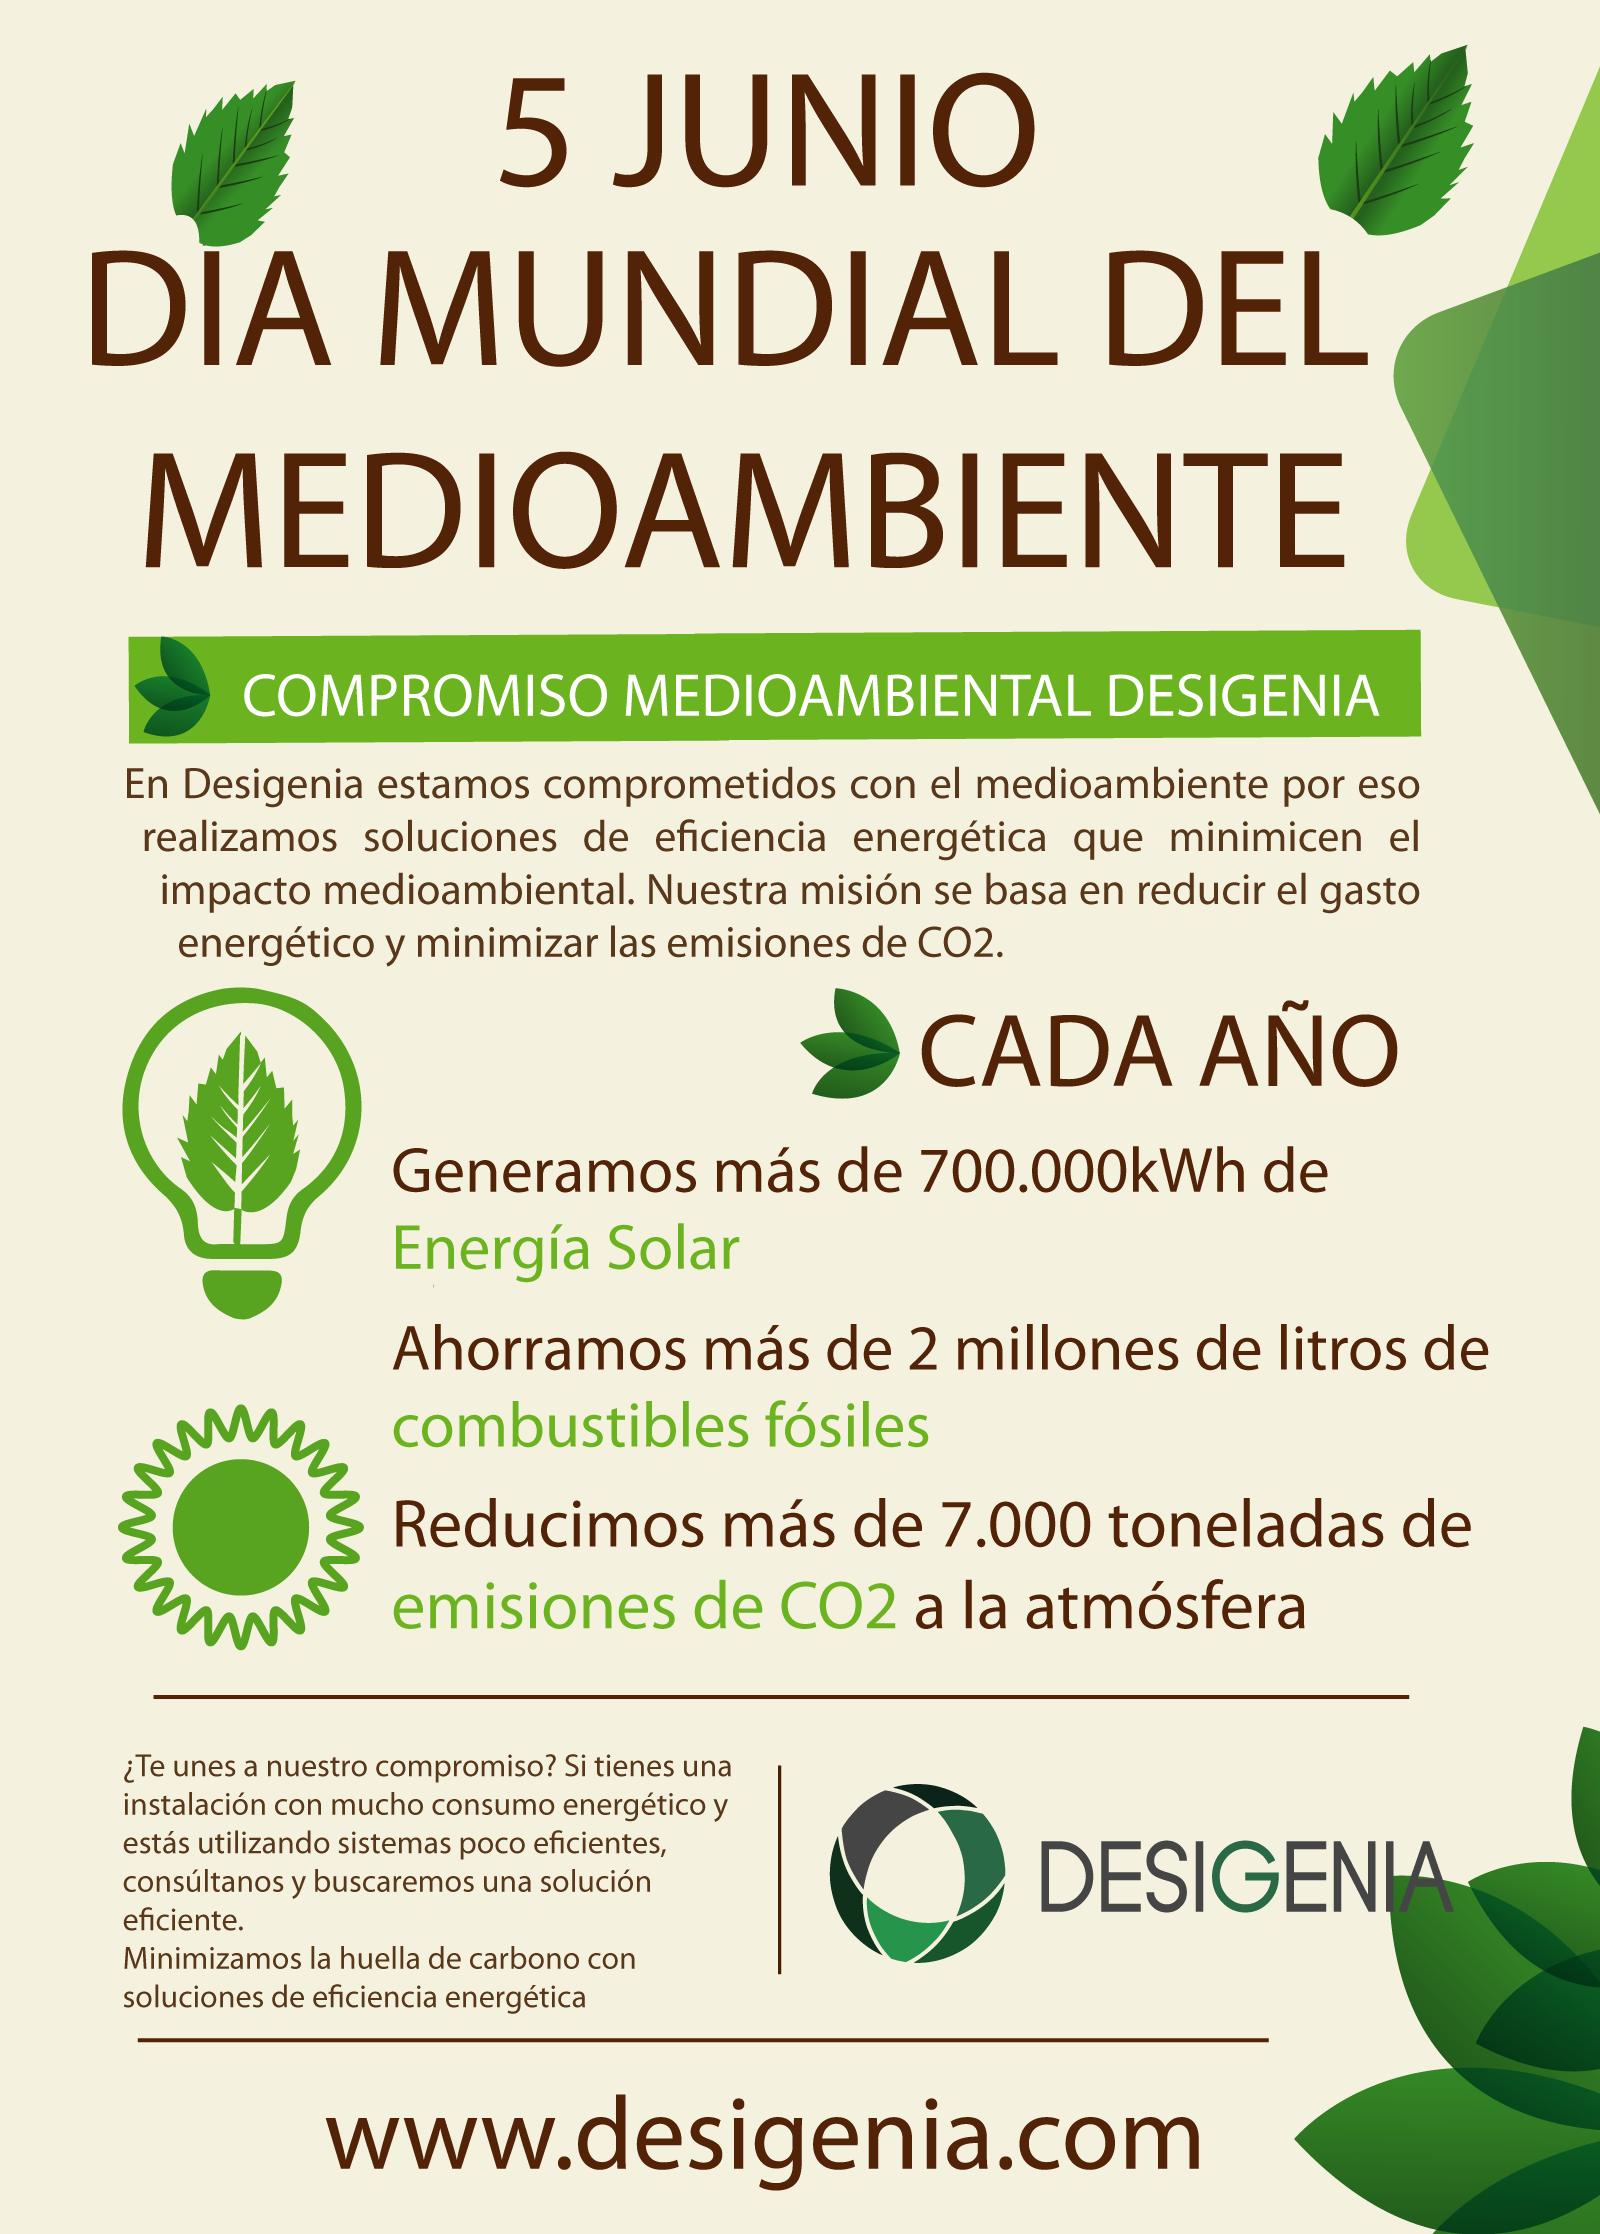 Compromiso-medioambiental-Desigenia